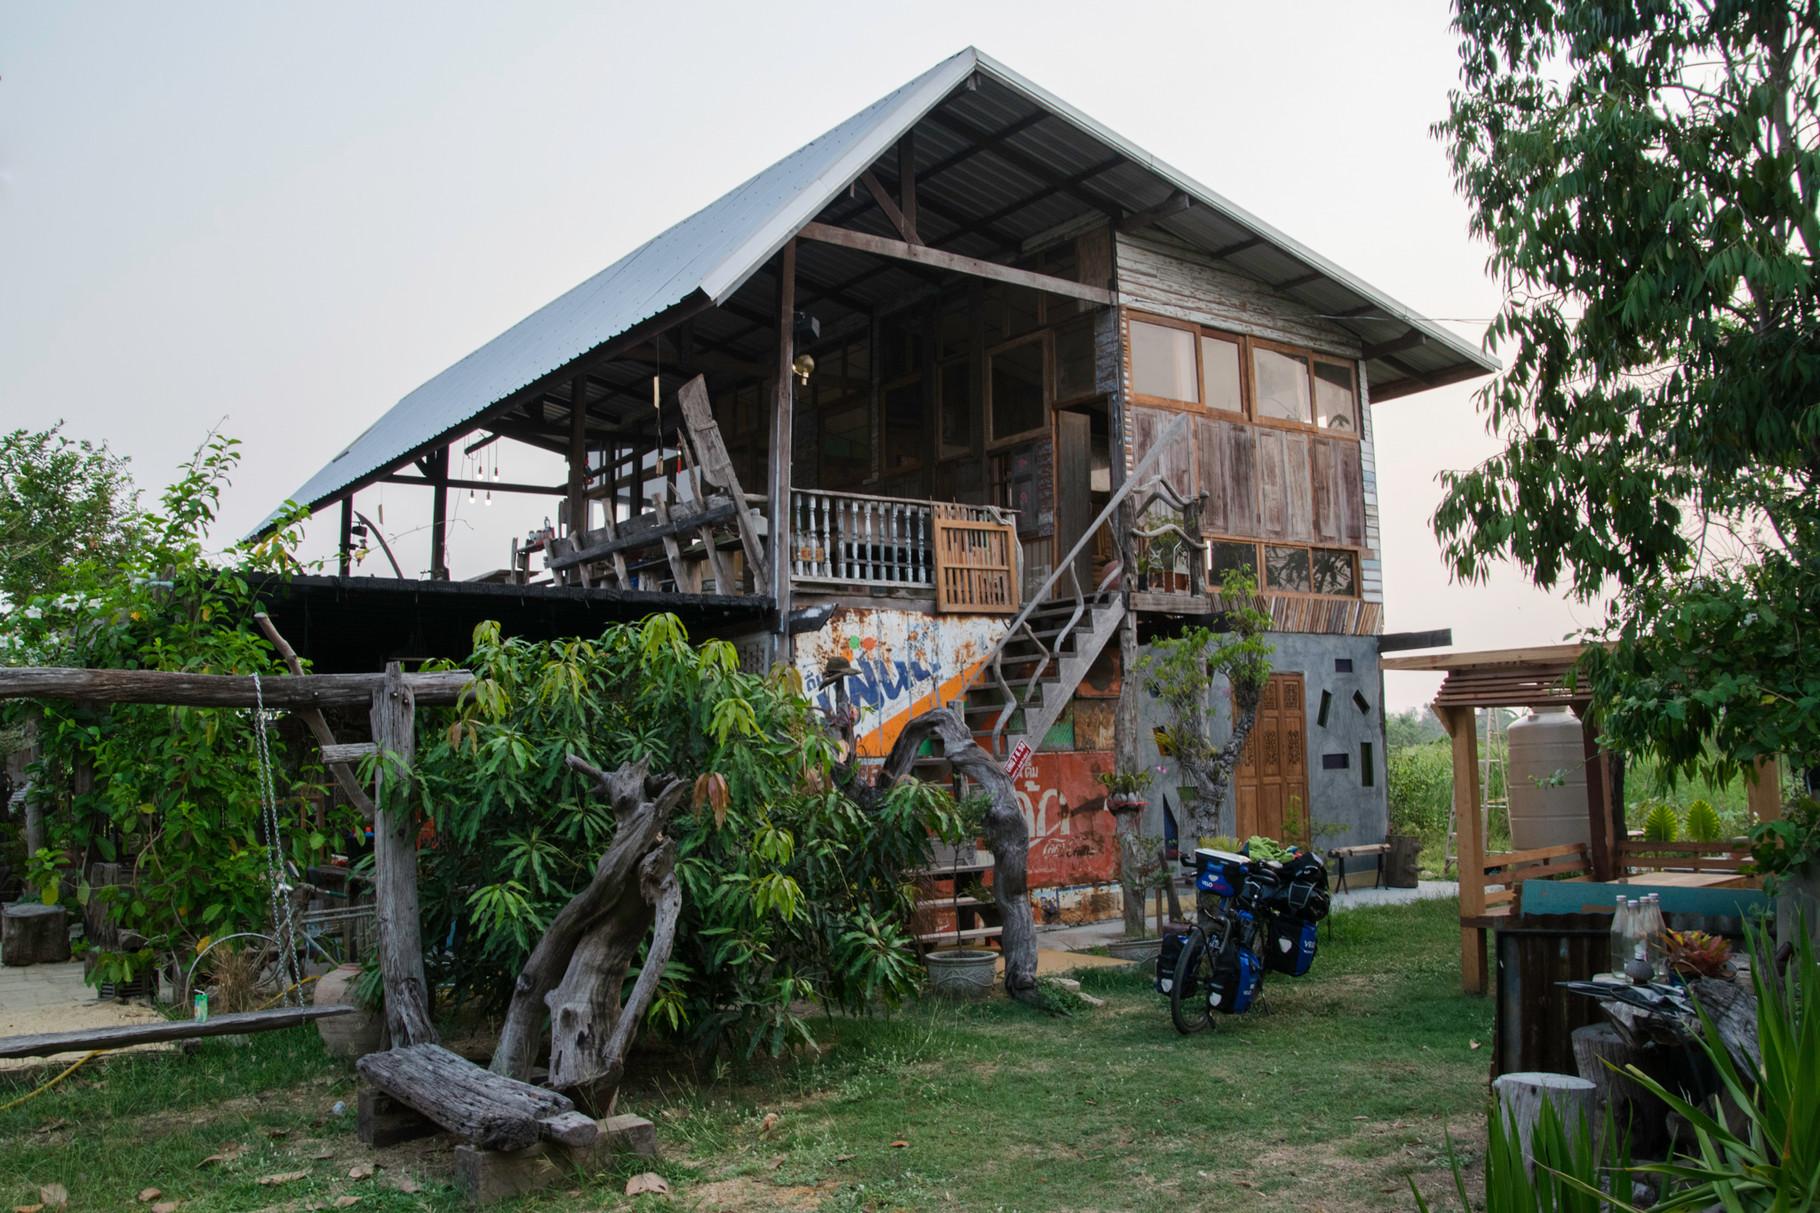 Einladung in ein noch leerstehendes Gasthaus